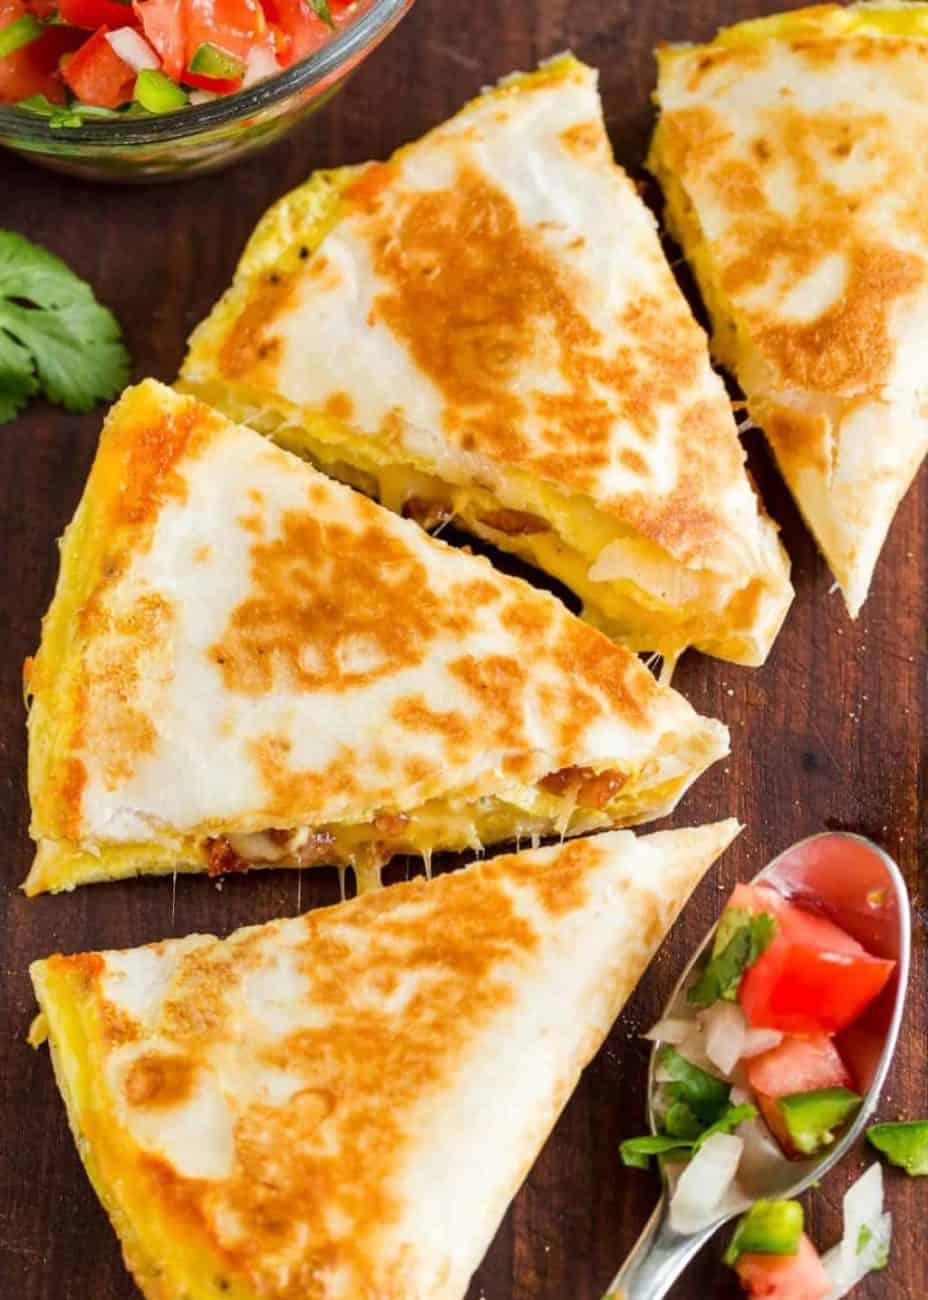 Quesadilla mit Eiern, Speck und viel geschmolzenem Käse